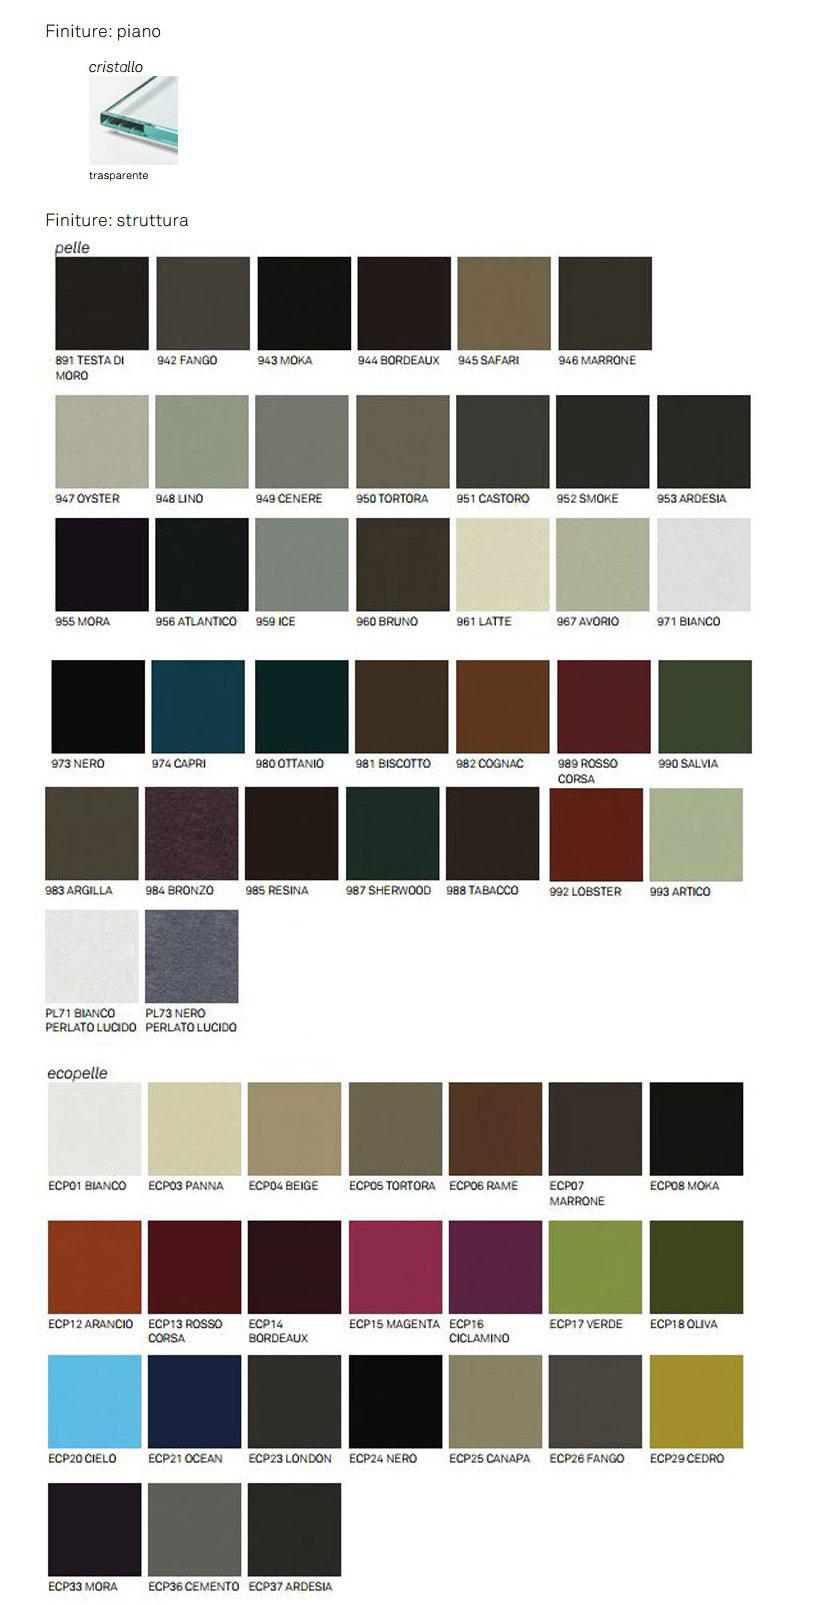 Dorian Nachttisch Cattelan Italia Ausführungen und Farben